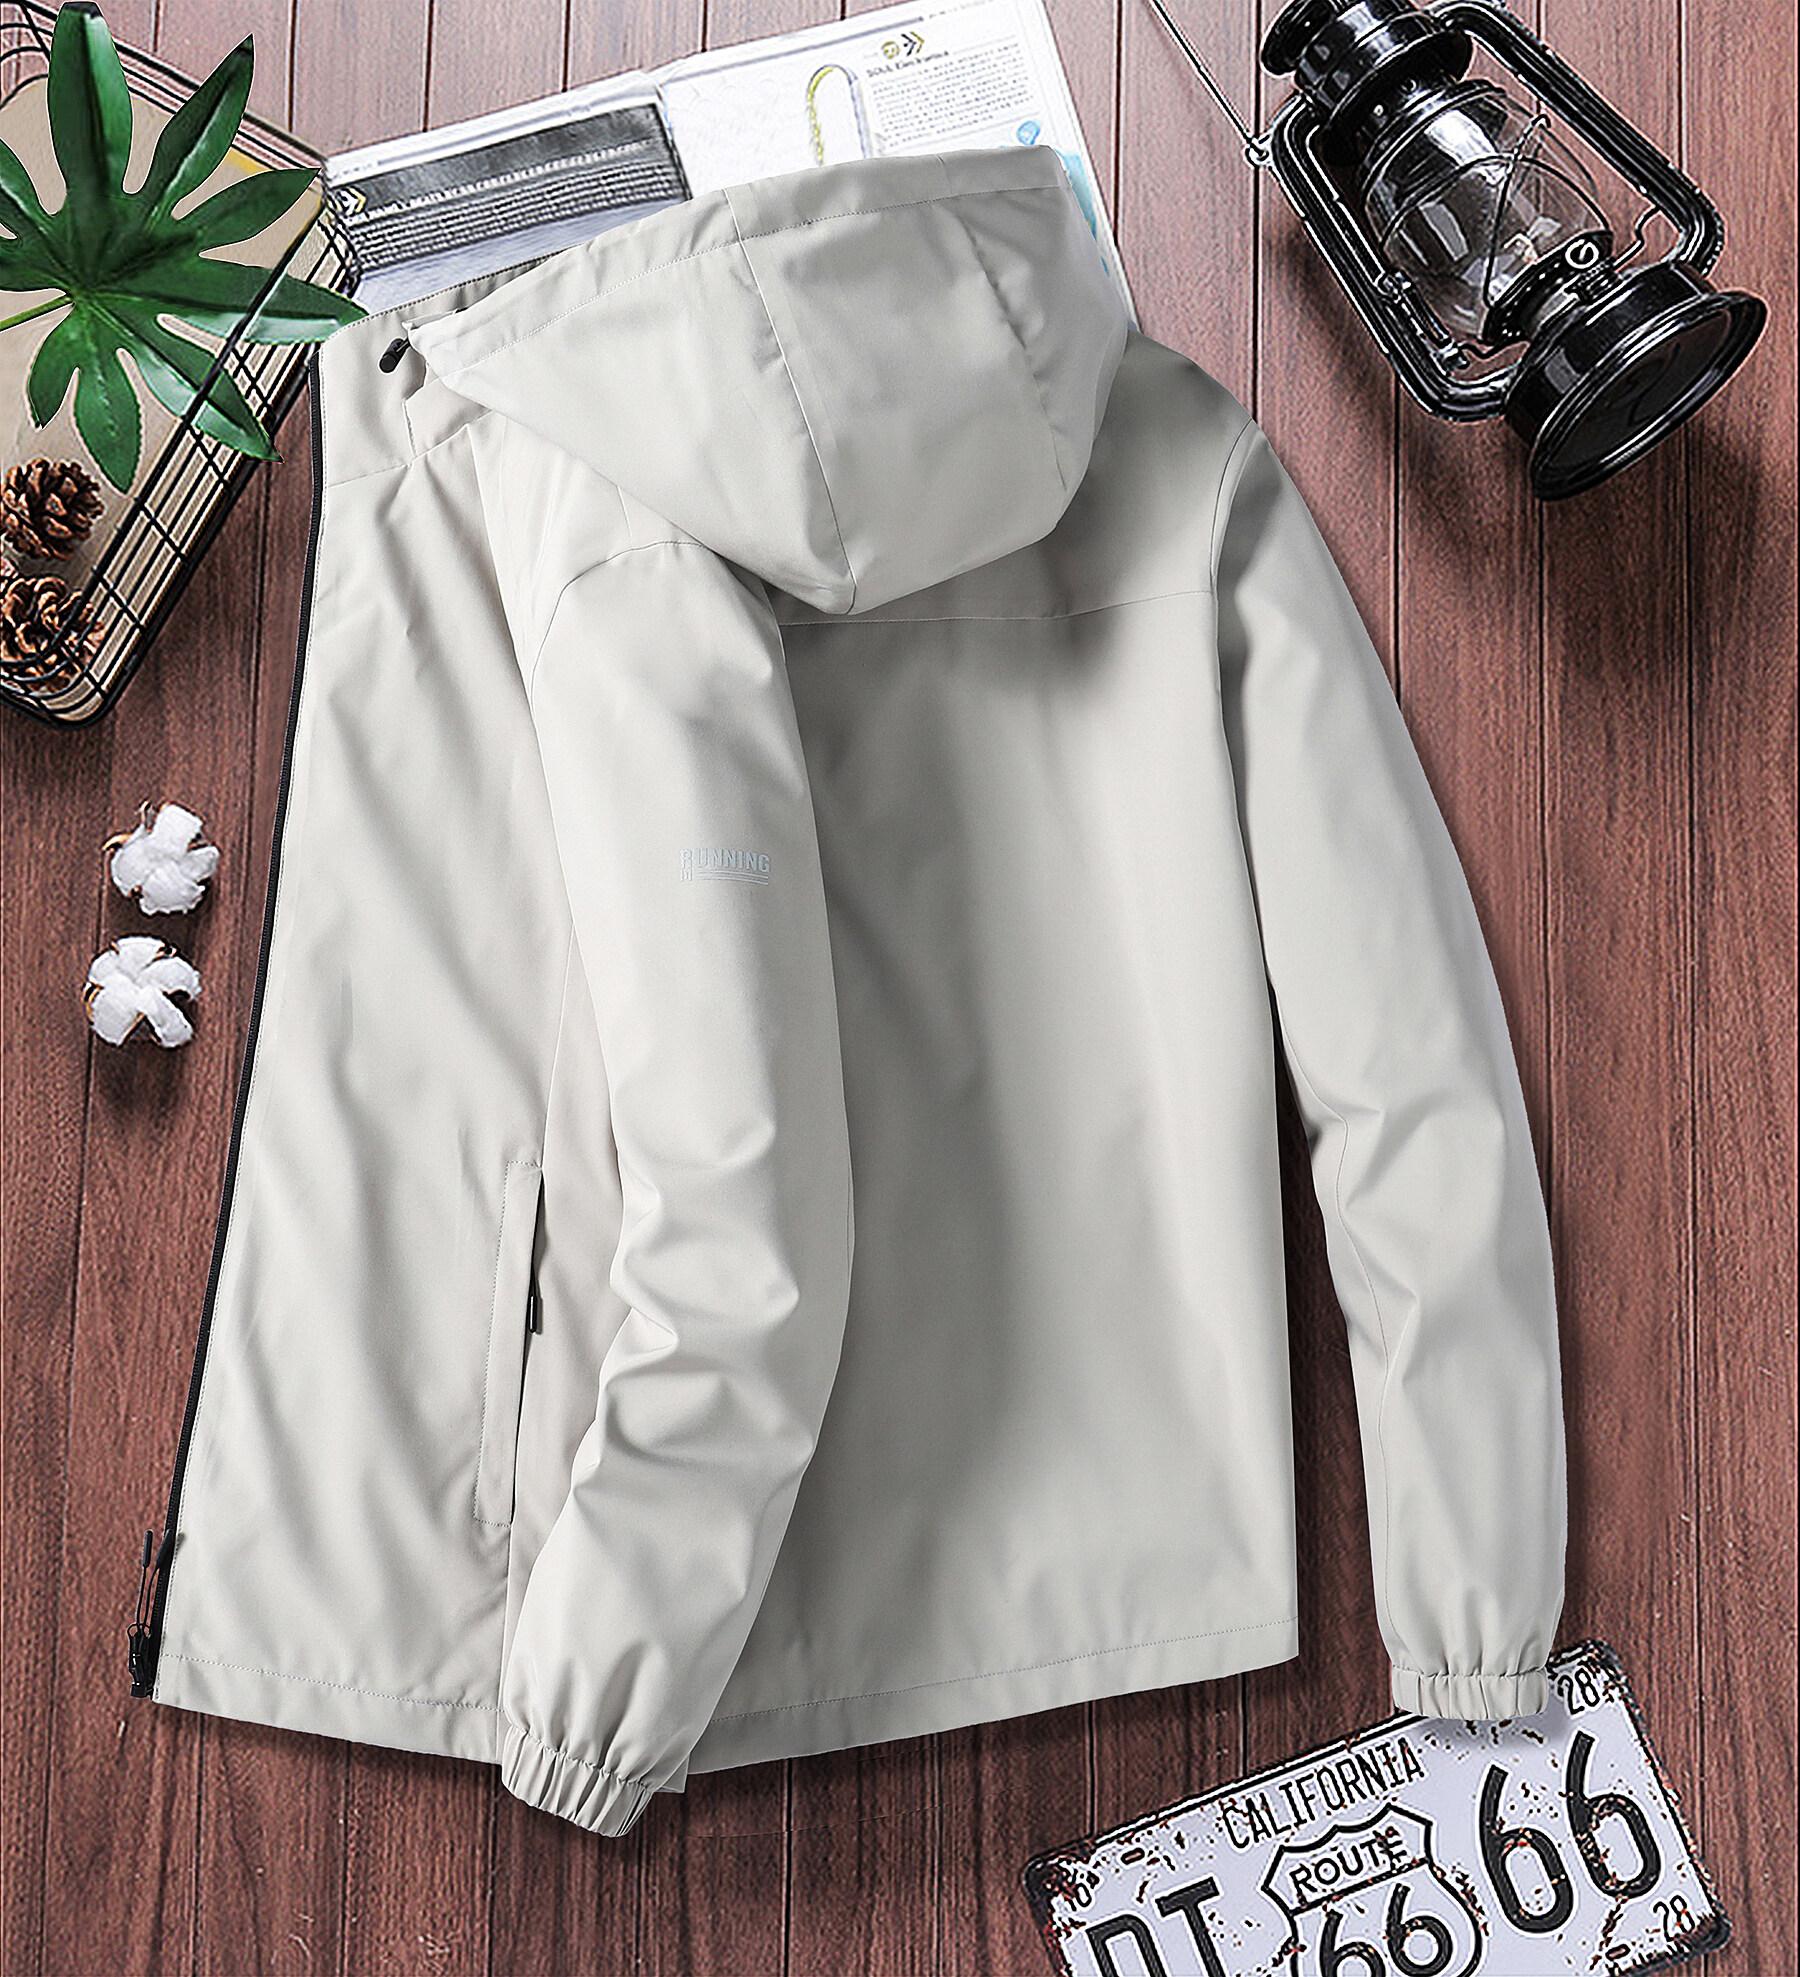 大码加5元男士团购外套2020新款春秋压标休闲公版风衣夹克